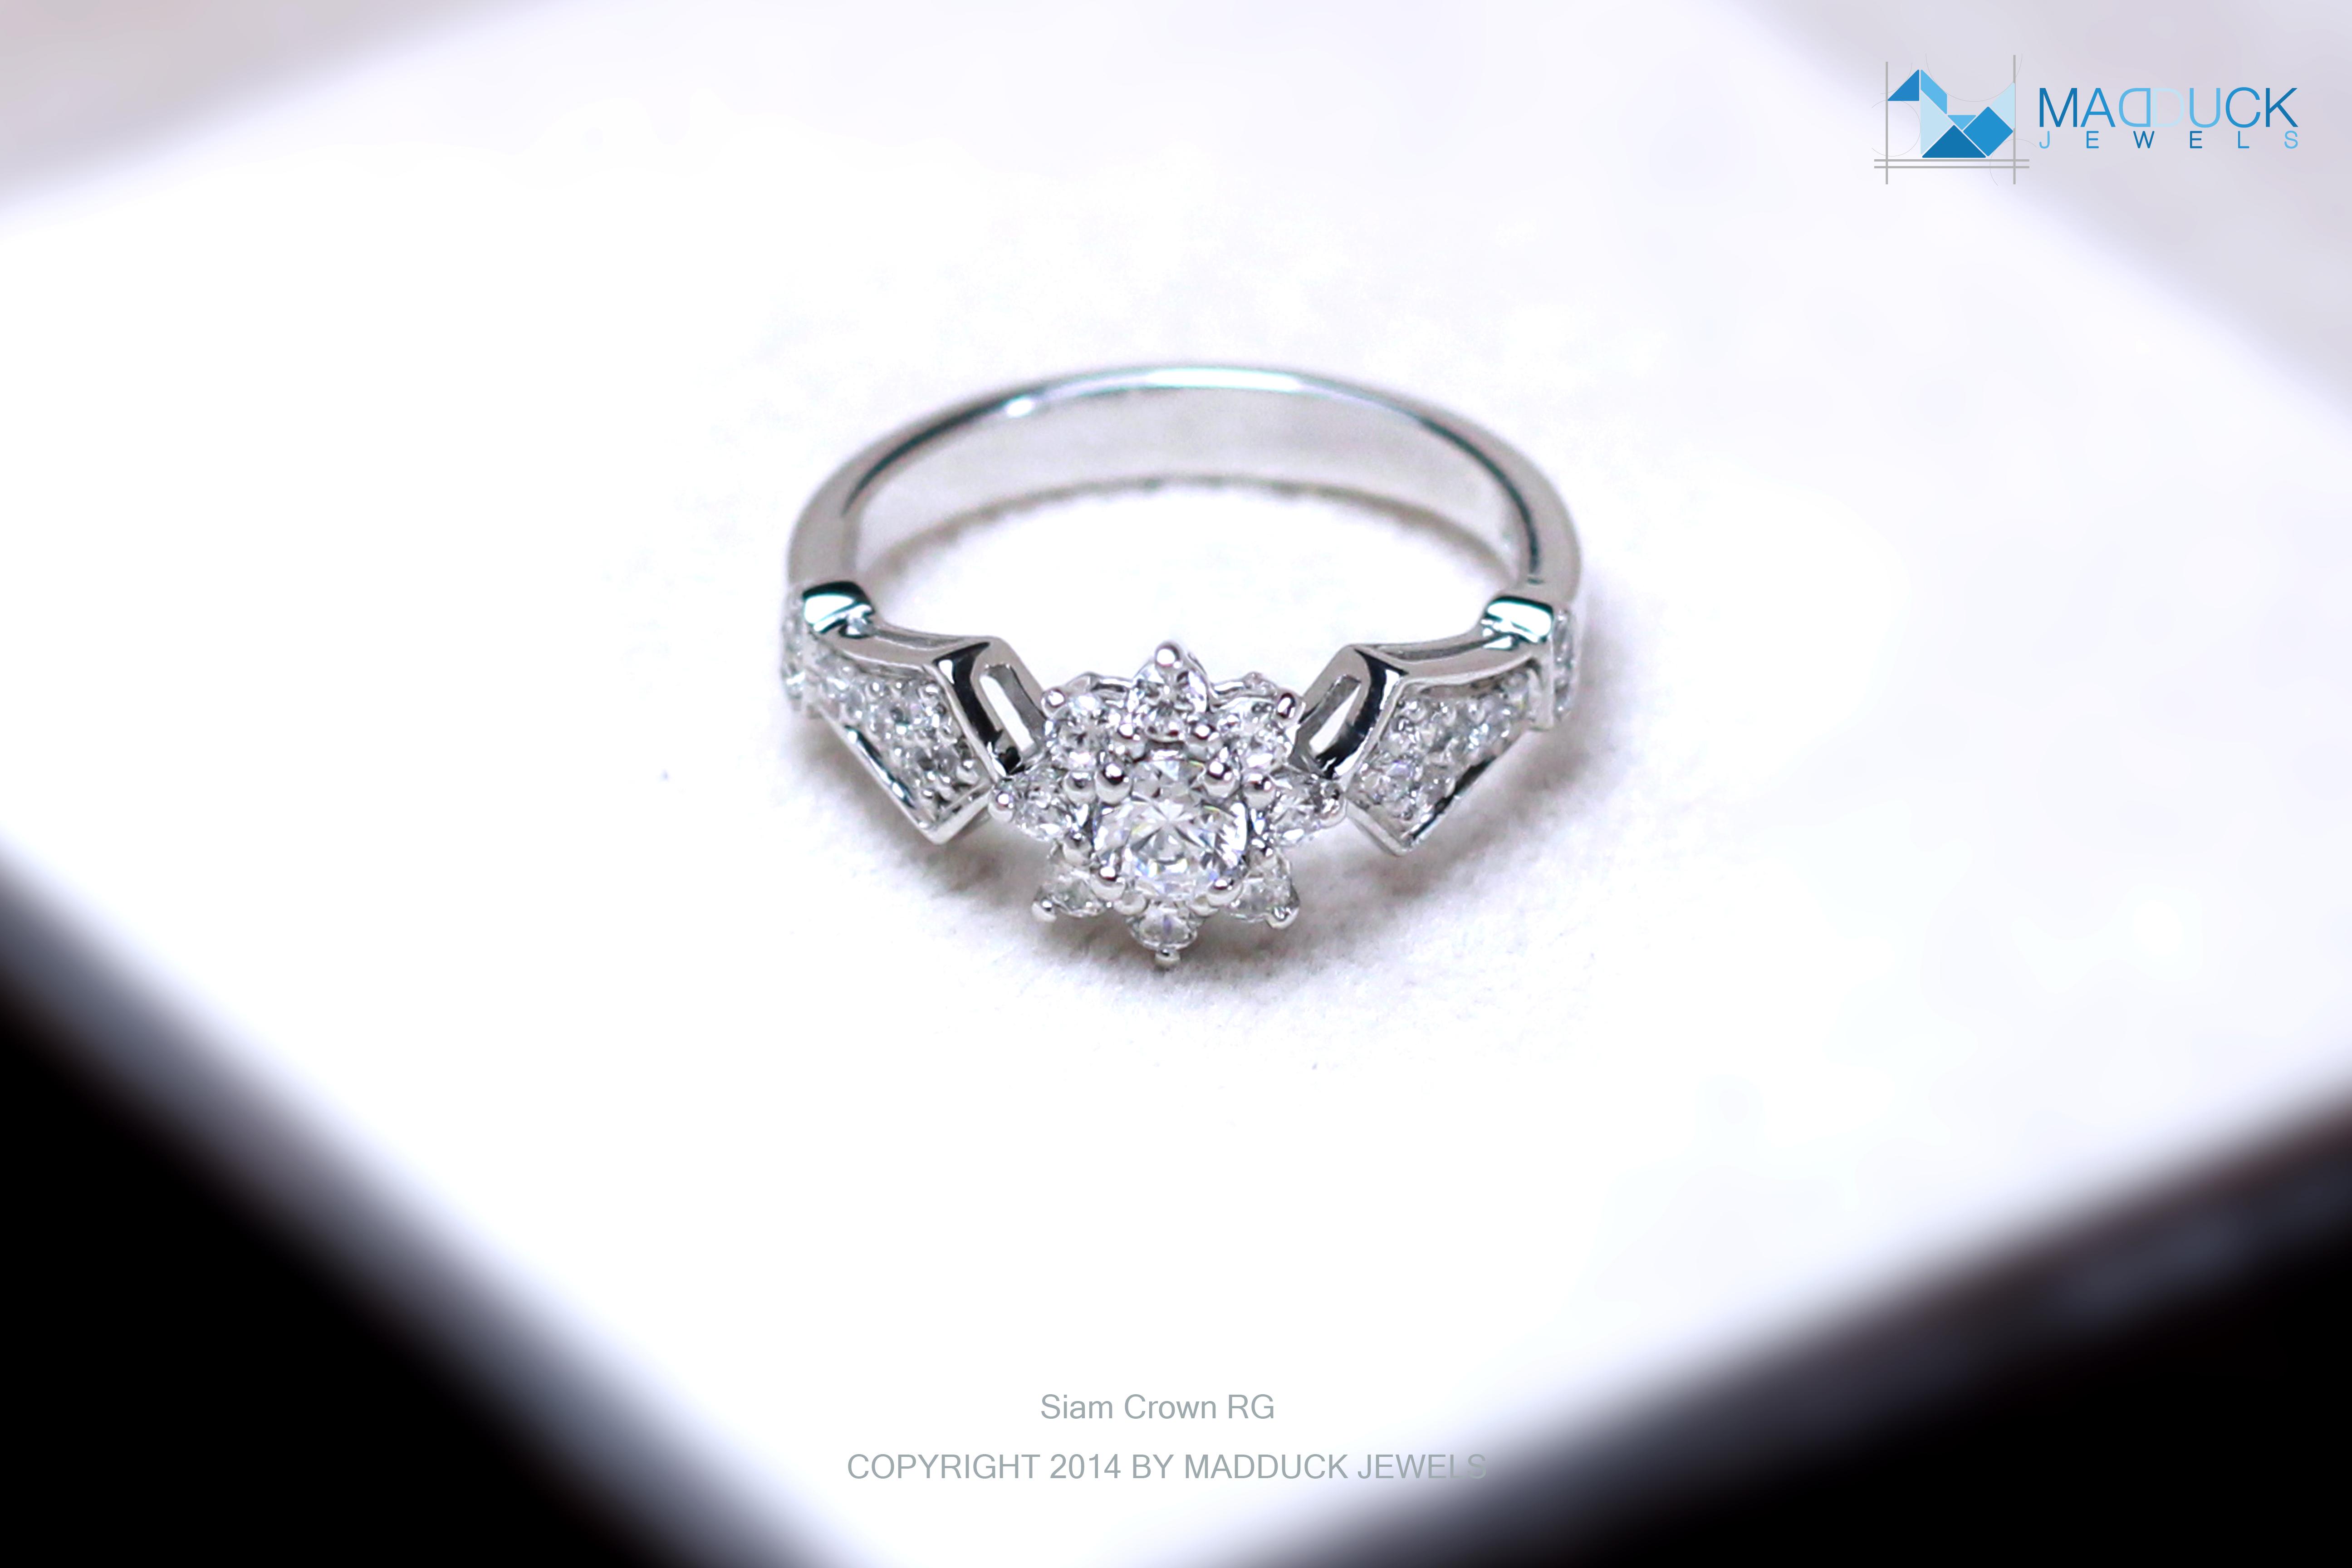 แหวนเงินแท้ เพชรสังเคราะห์ ชุบทองคำขาว รุ่น RG1471 Siam Crown